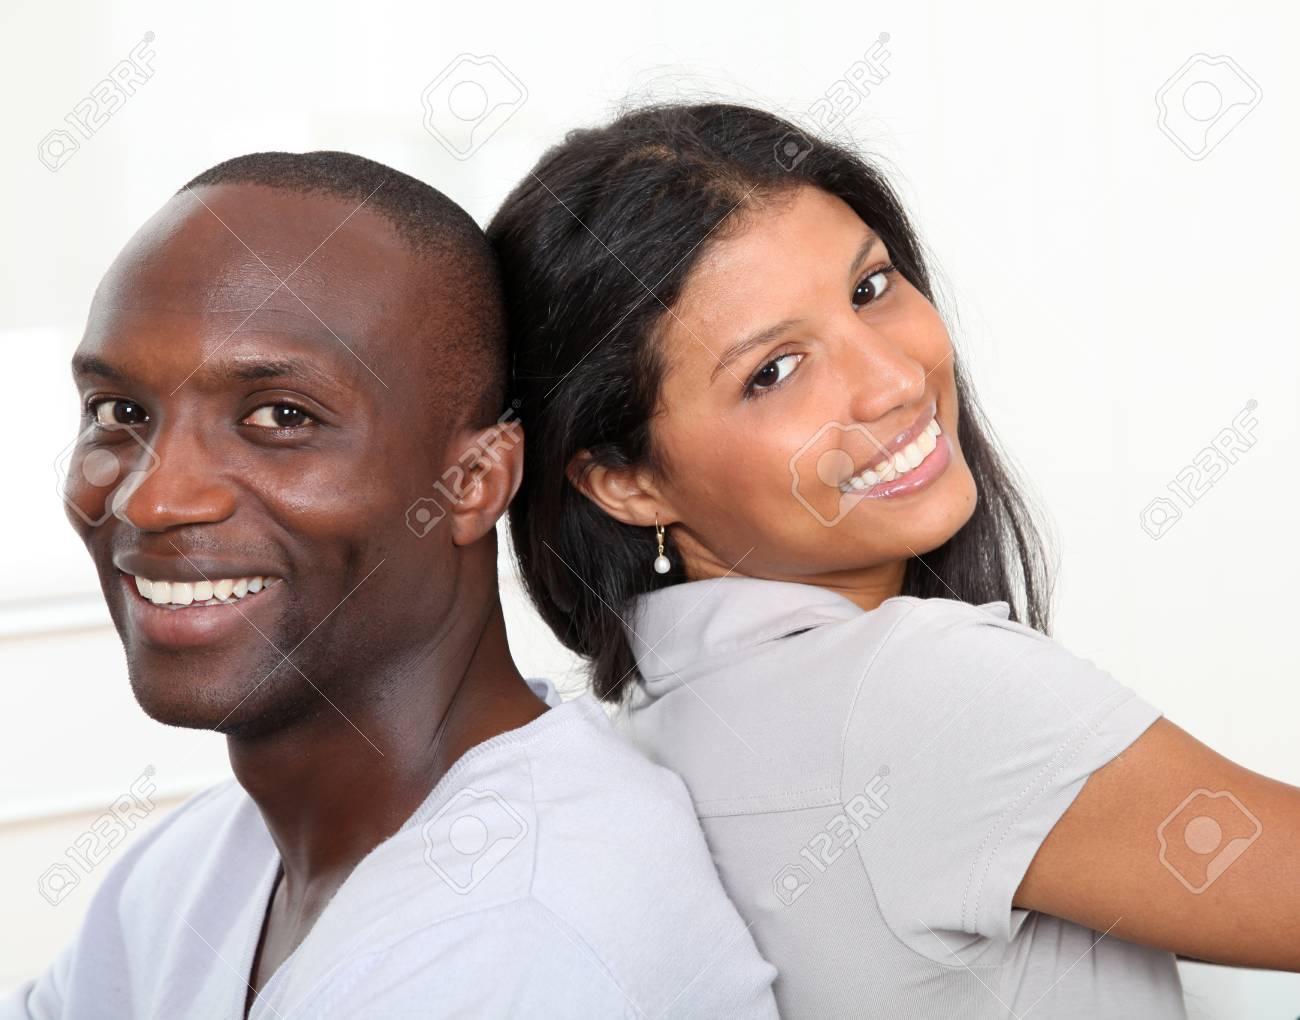 Portrait of happy smiling couple Stock Photo - 9638862